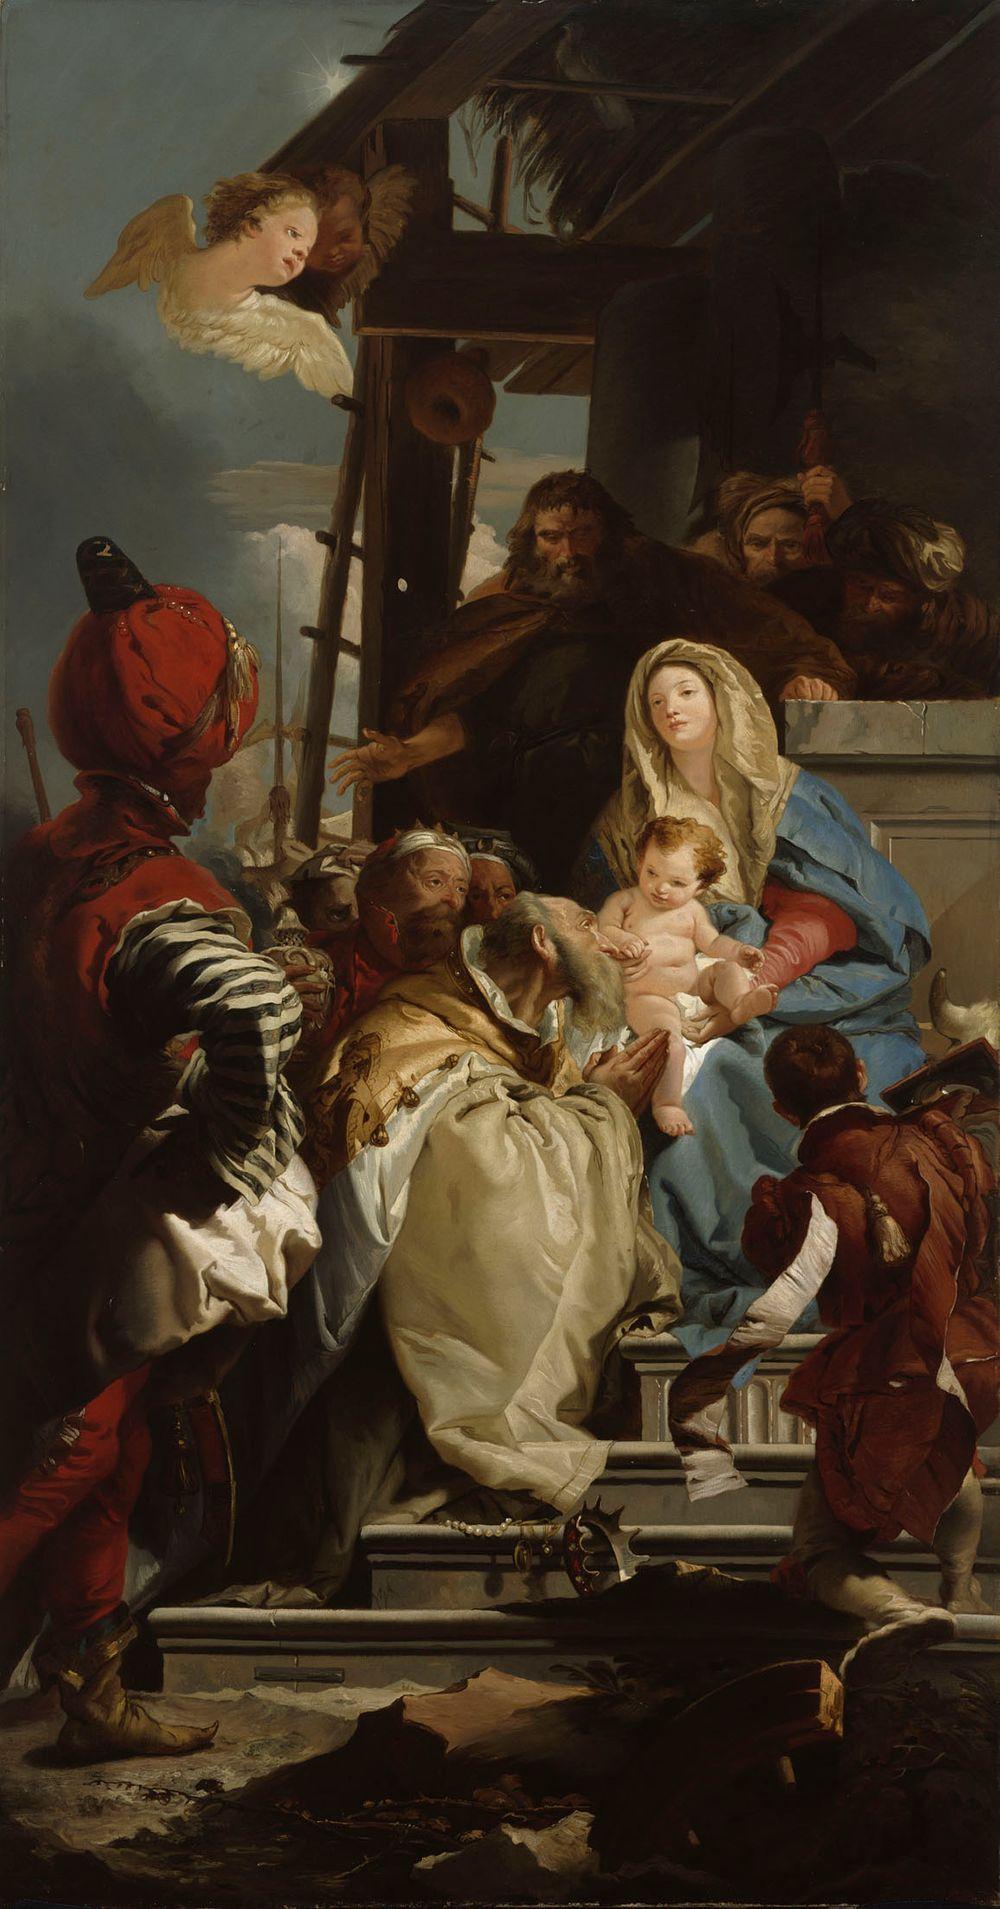 Itämaan tietäjät kumartamassa Kristusta, kopio Giovanni Battista Tiepolon mukaan